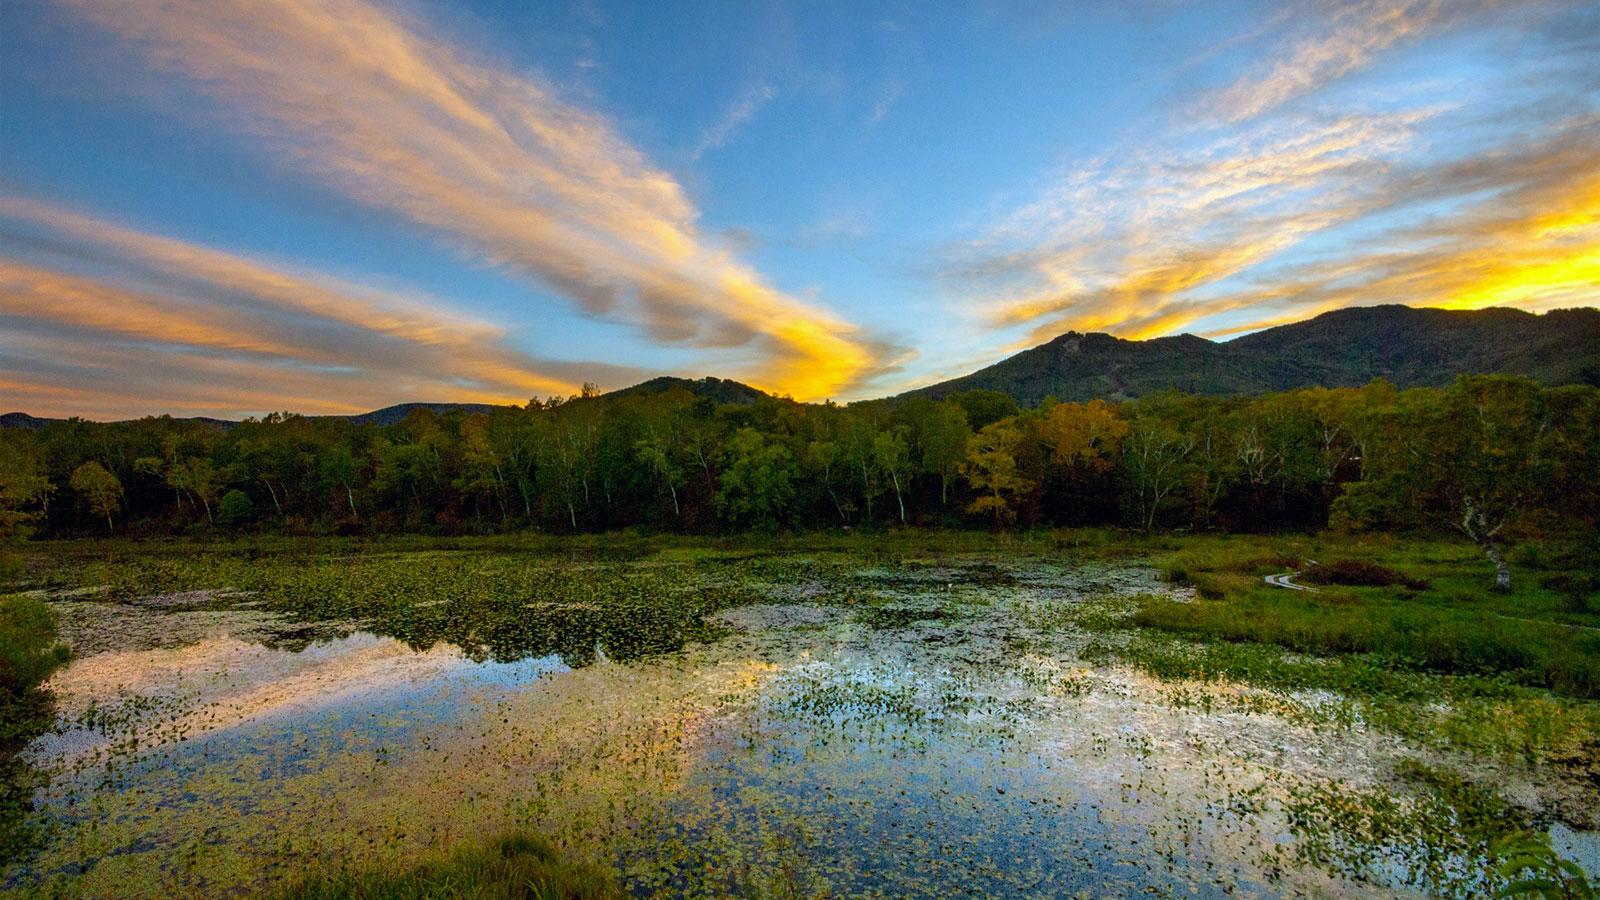 朝焼けに彩られた美しい蓮池 - -長野県山ノ内町- -